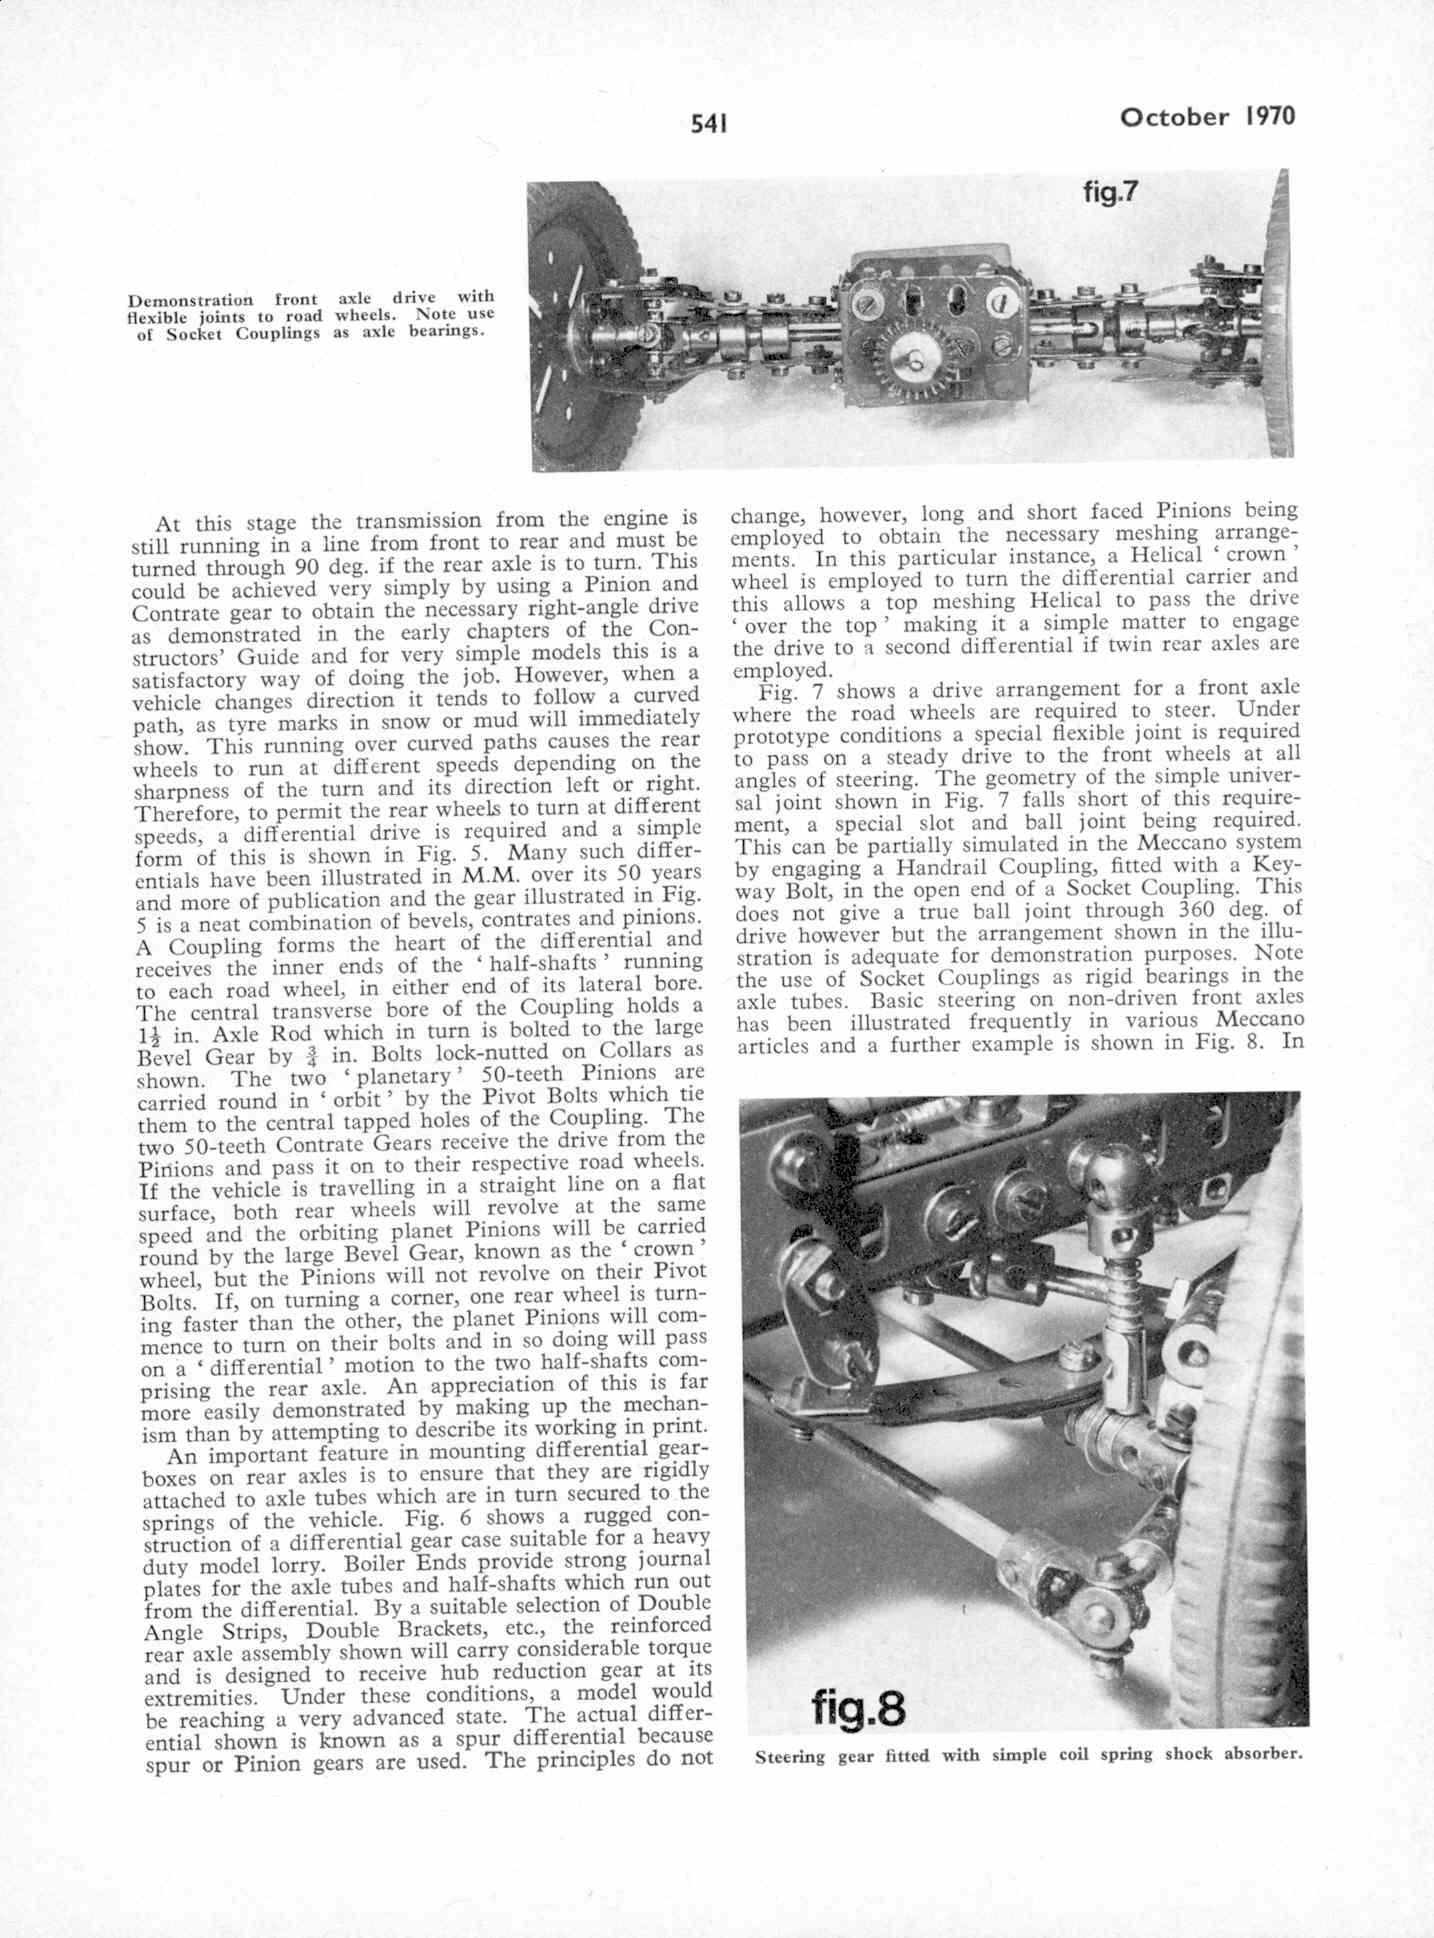 UK Meccano Magazine October 1970 Page 541